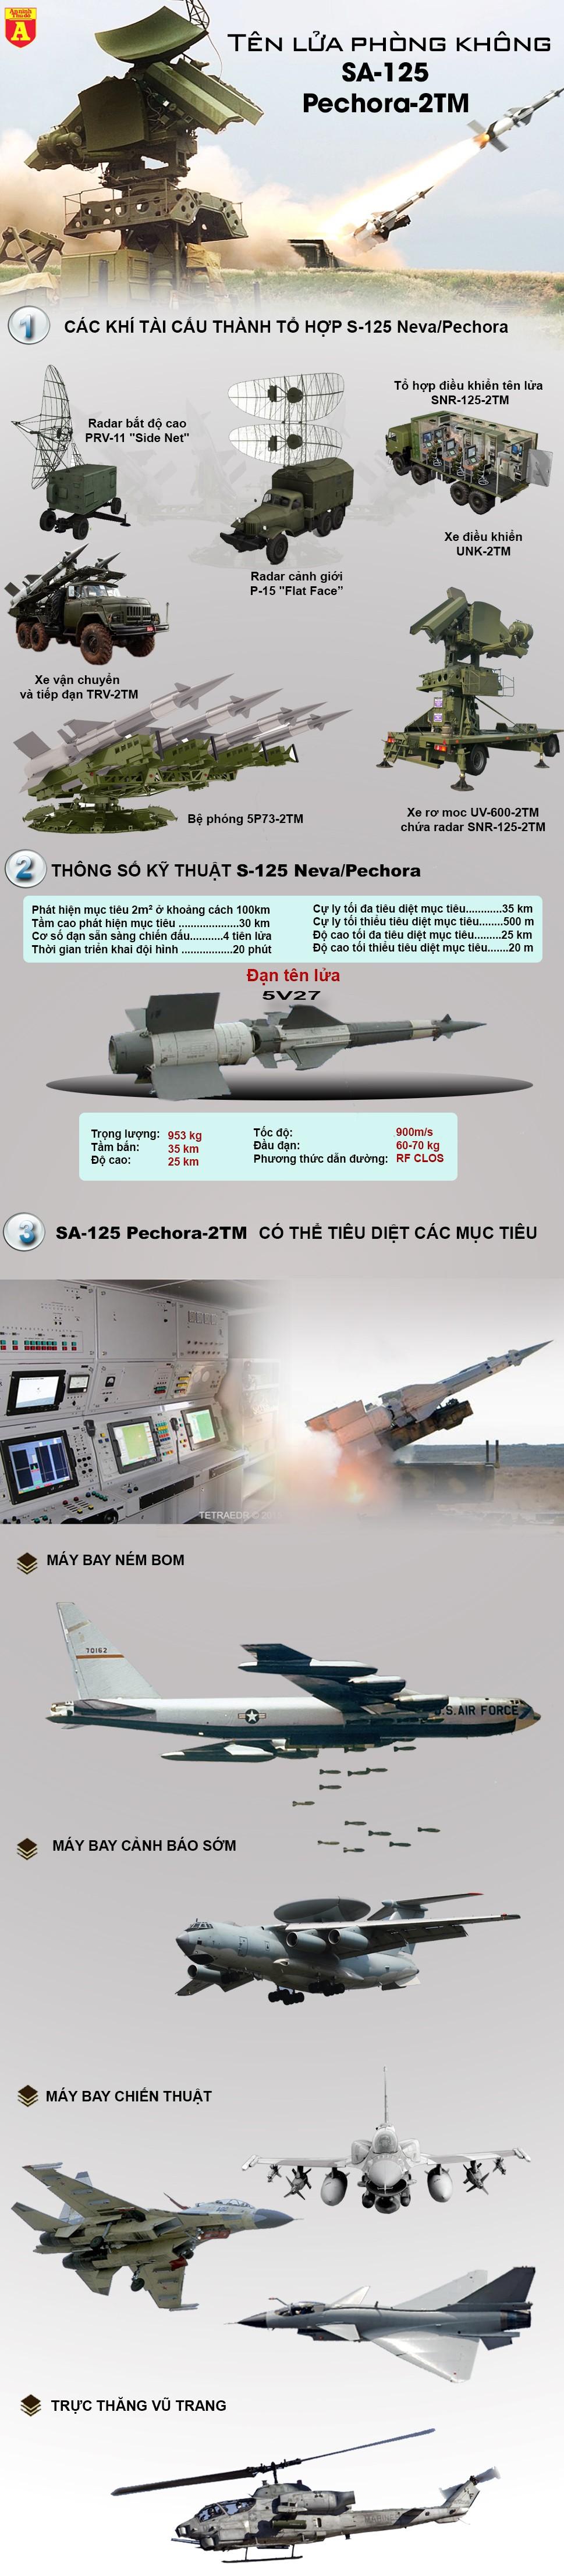 """[Infographic] """"Rồng lửa"""" SAM 3 từng bắn hạ chiến đấu cơ tàng hình, được tham gia bảo vệ APEC ảnh 2"""